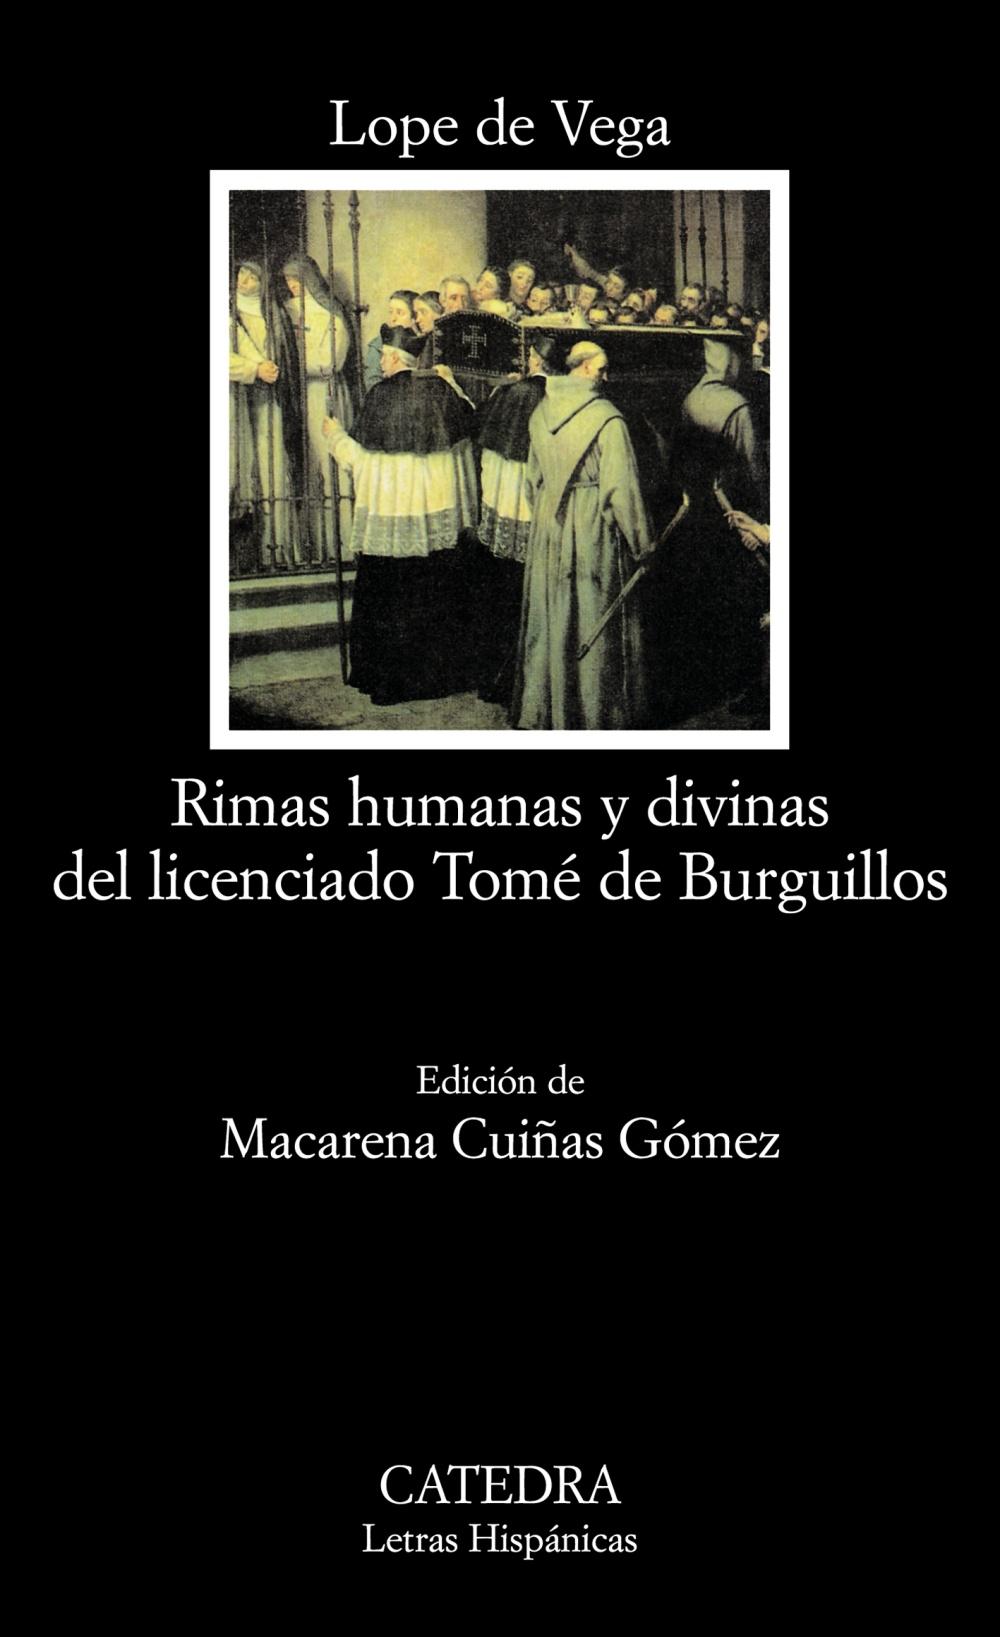 Rimas Humanas Y Divinas Del Licenciado Tomé De Burguillos Ediciones Cátedra